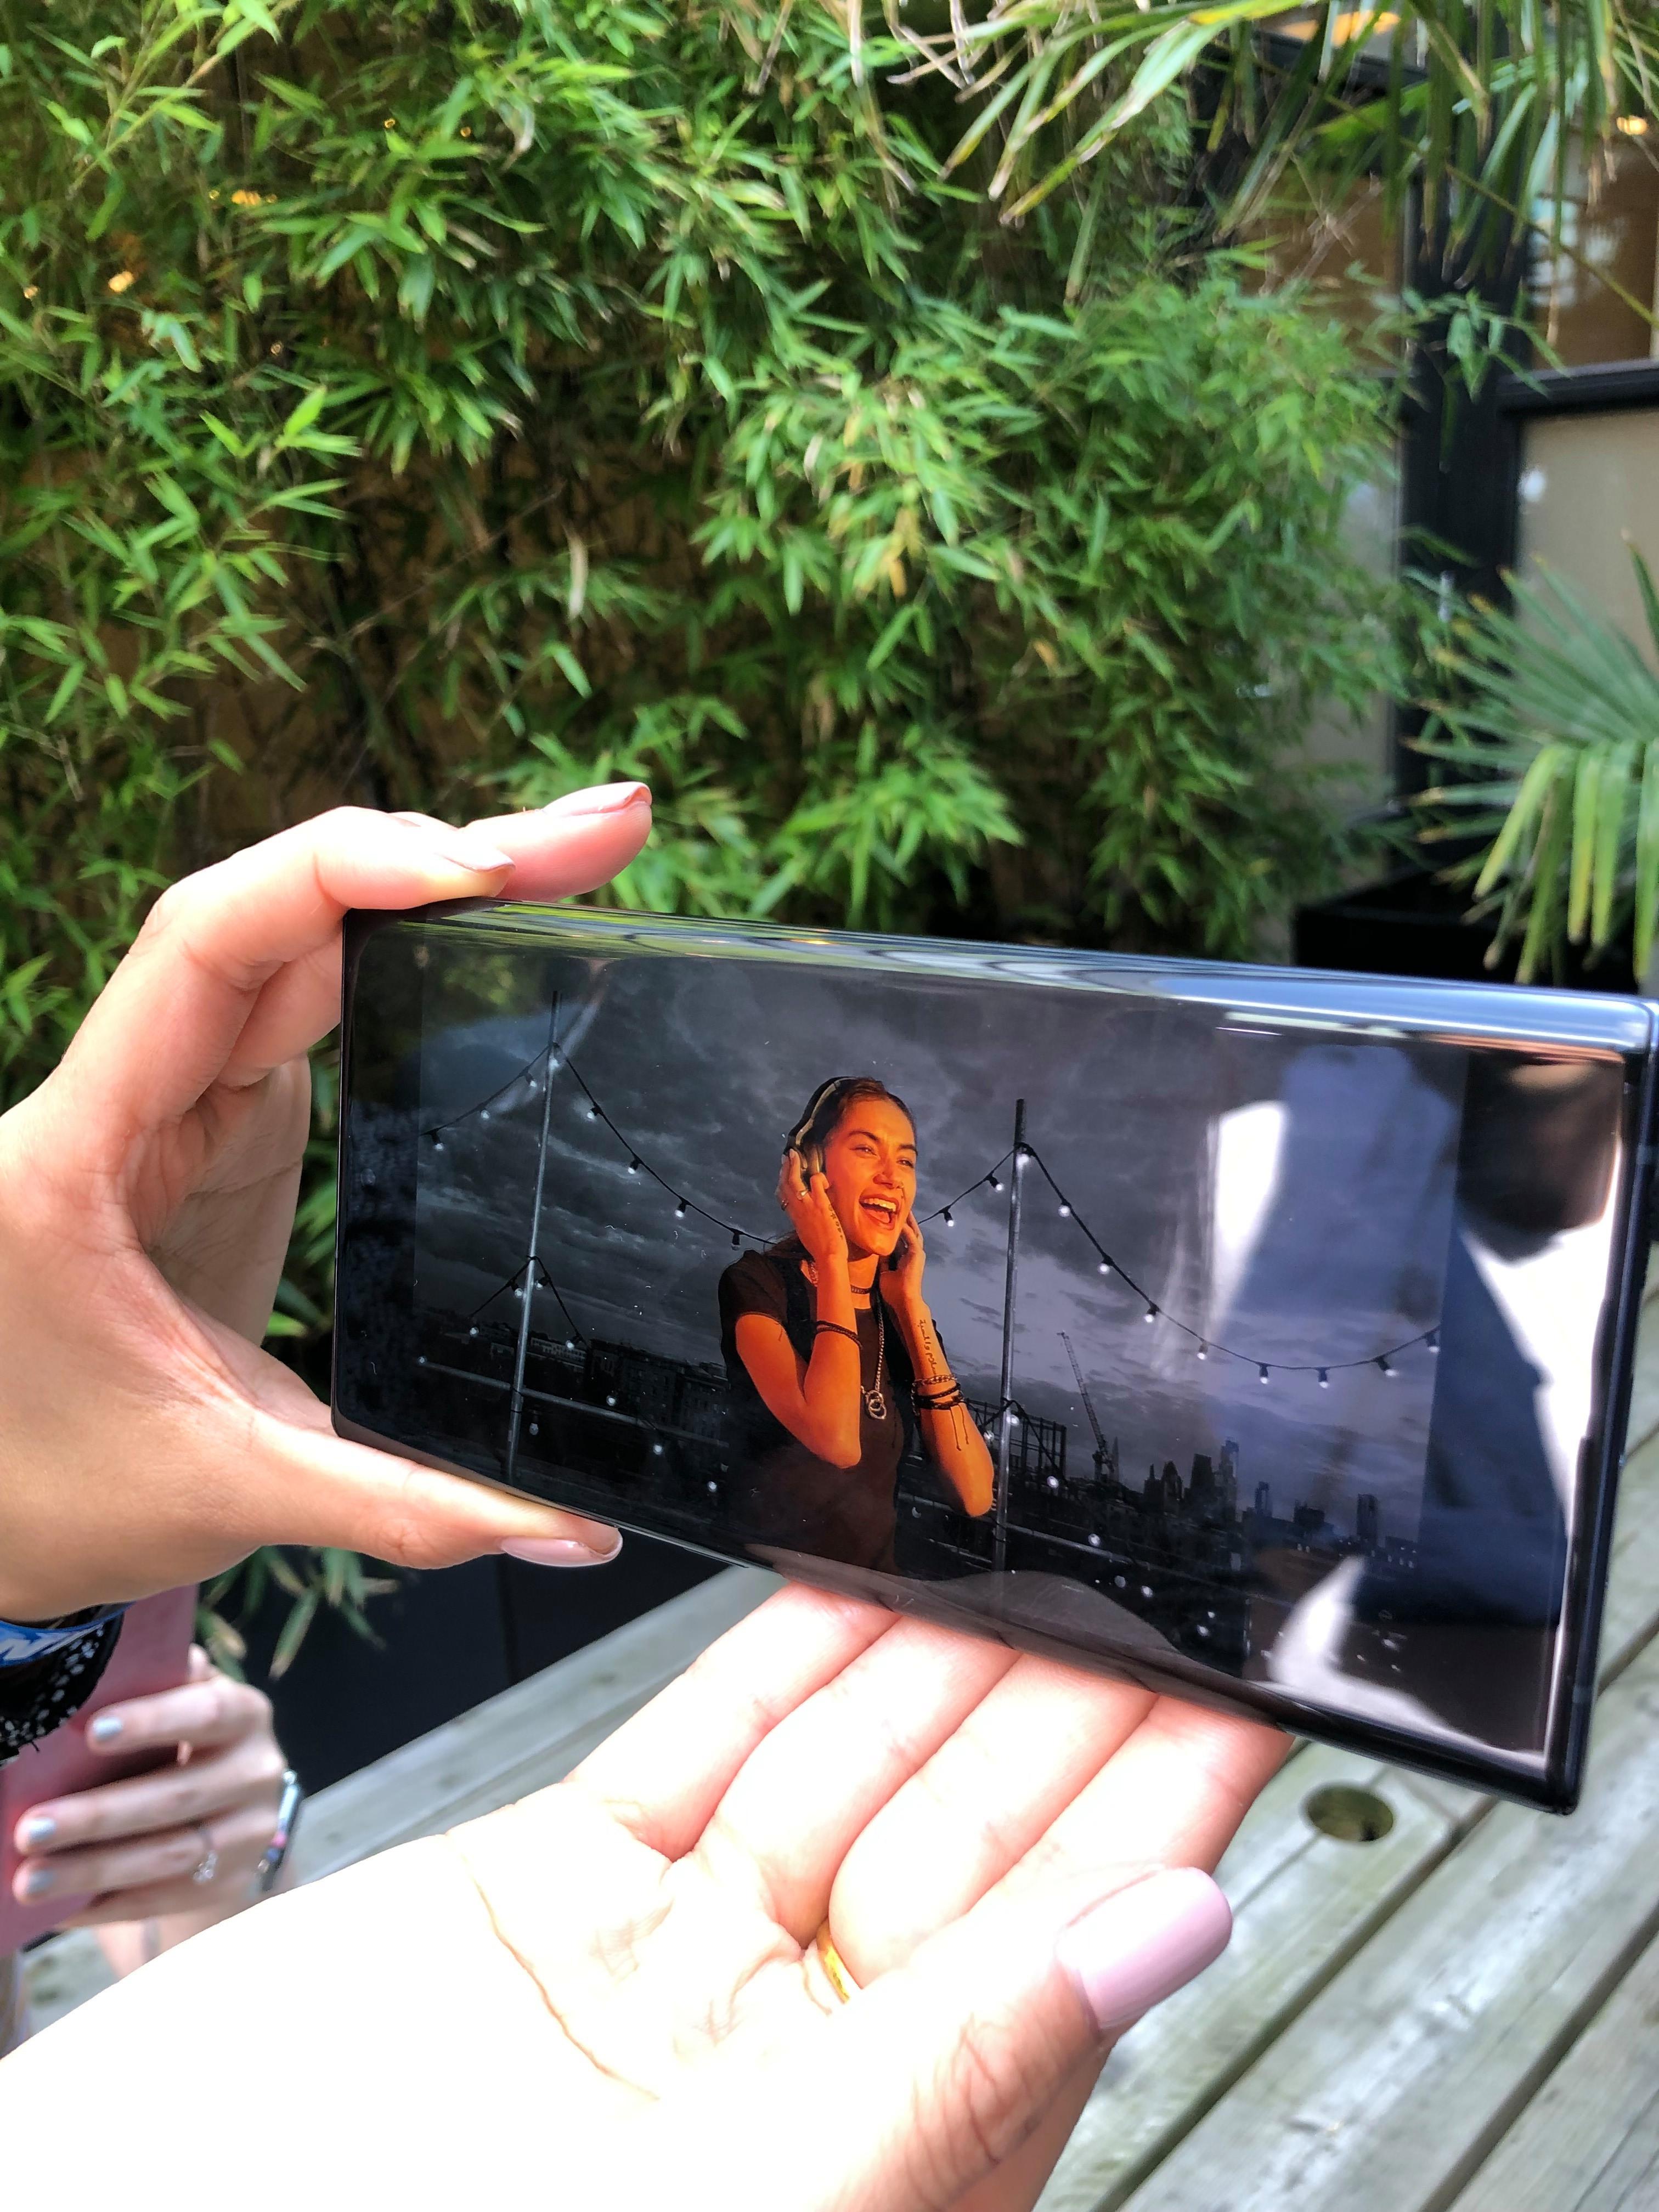 تسمح الهواتف بالتقاط الفيديو مع خلفيات ملونة مختلفة